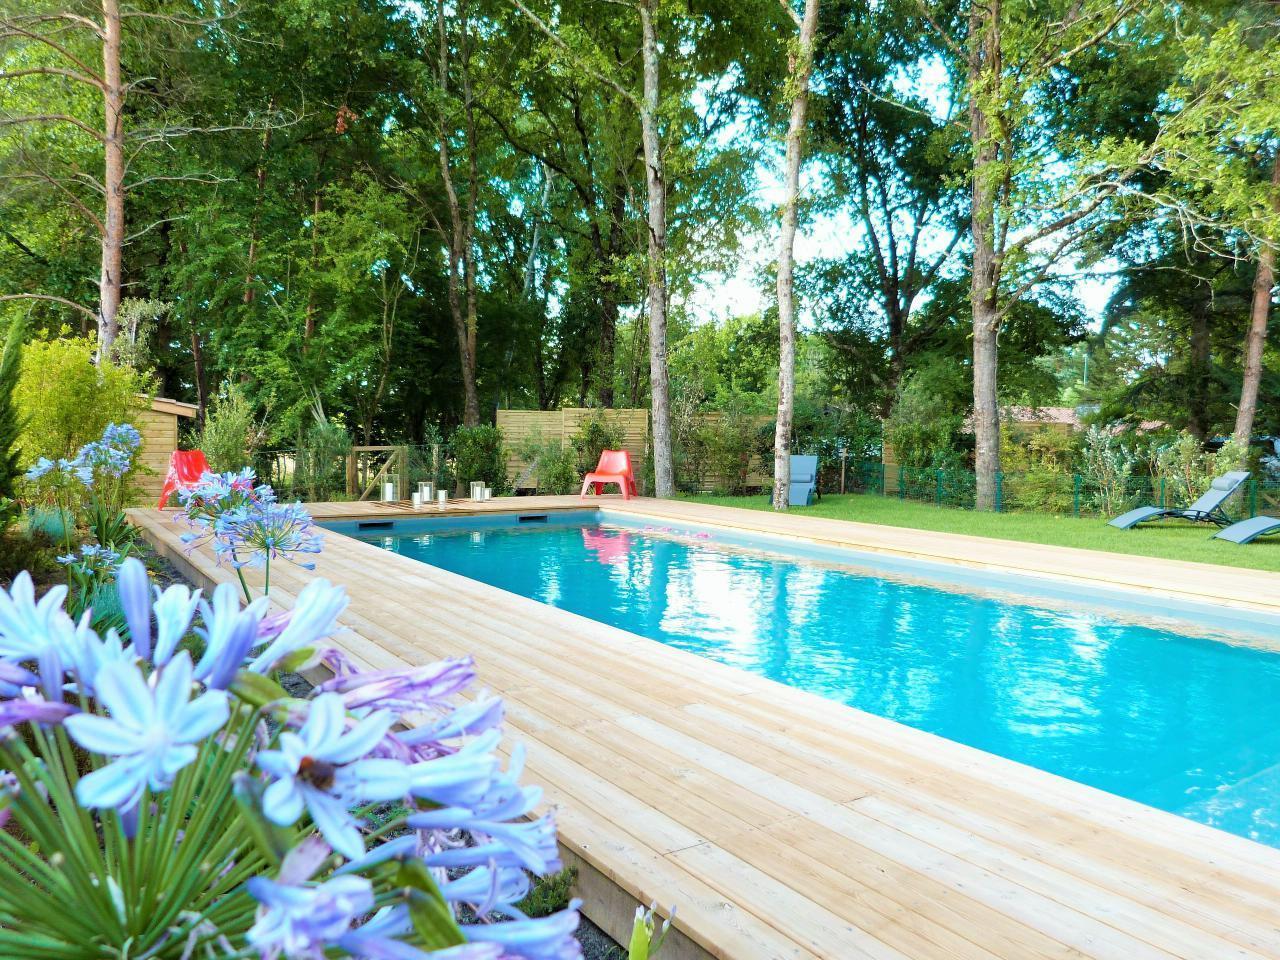 Maison de vacances Exklusives Landhaus mit Top-Küche, beheizter Pool, Naturgarten, unweit von St. Emilion, Bo (1040506), Martillac, Gironde, Aquitaine, France, image 35